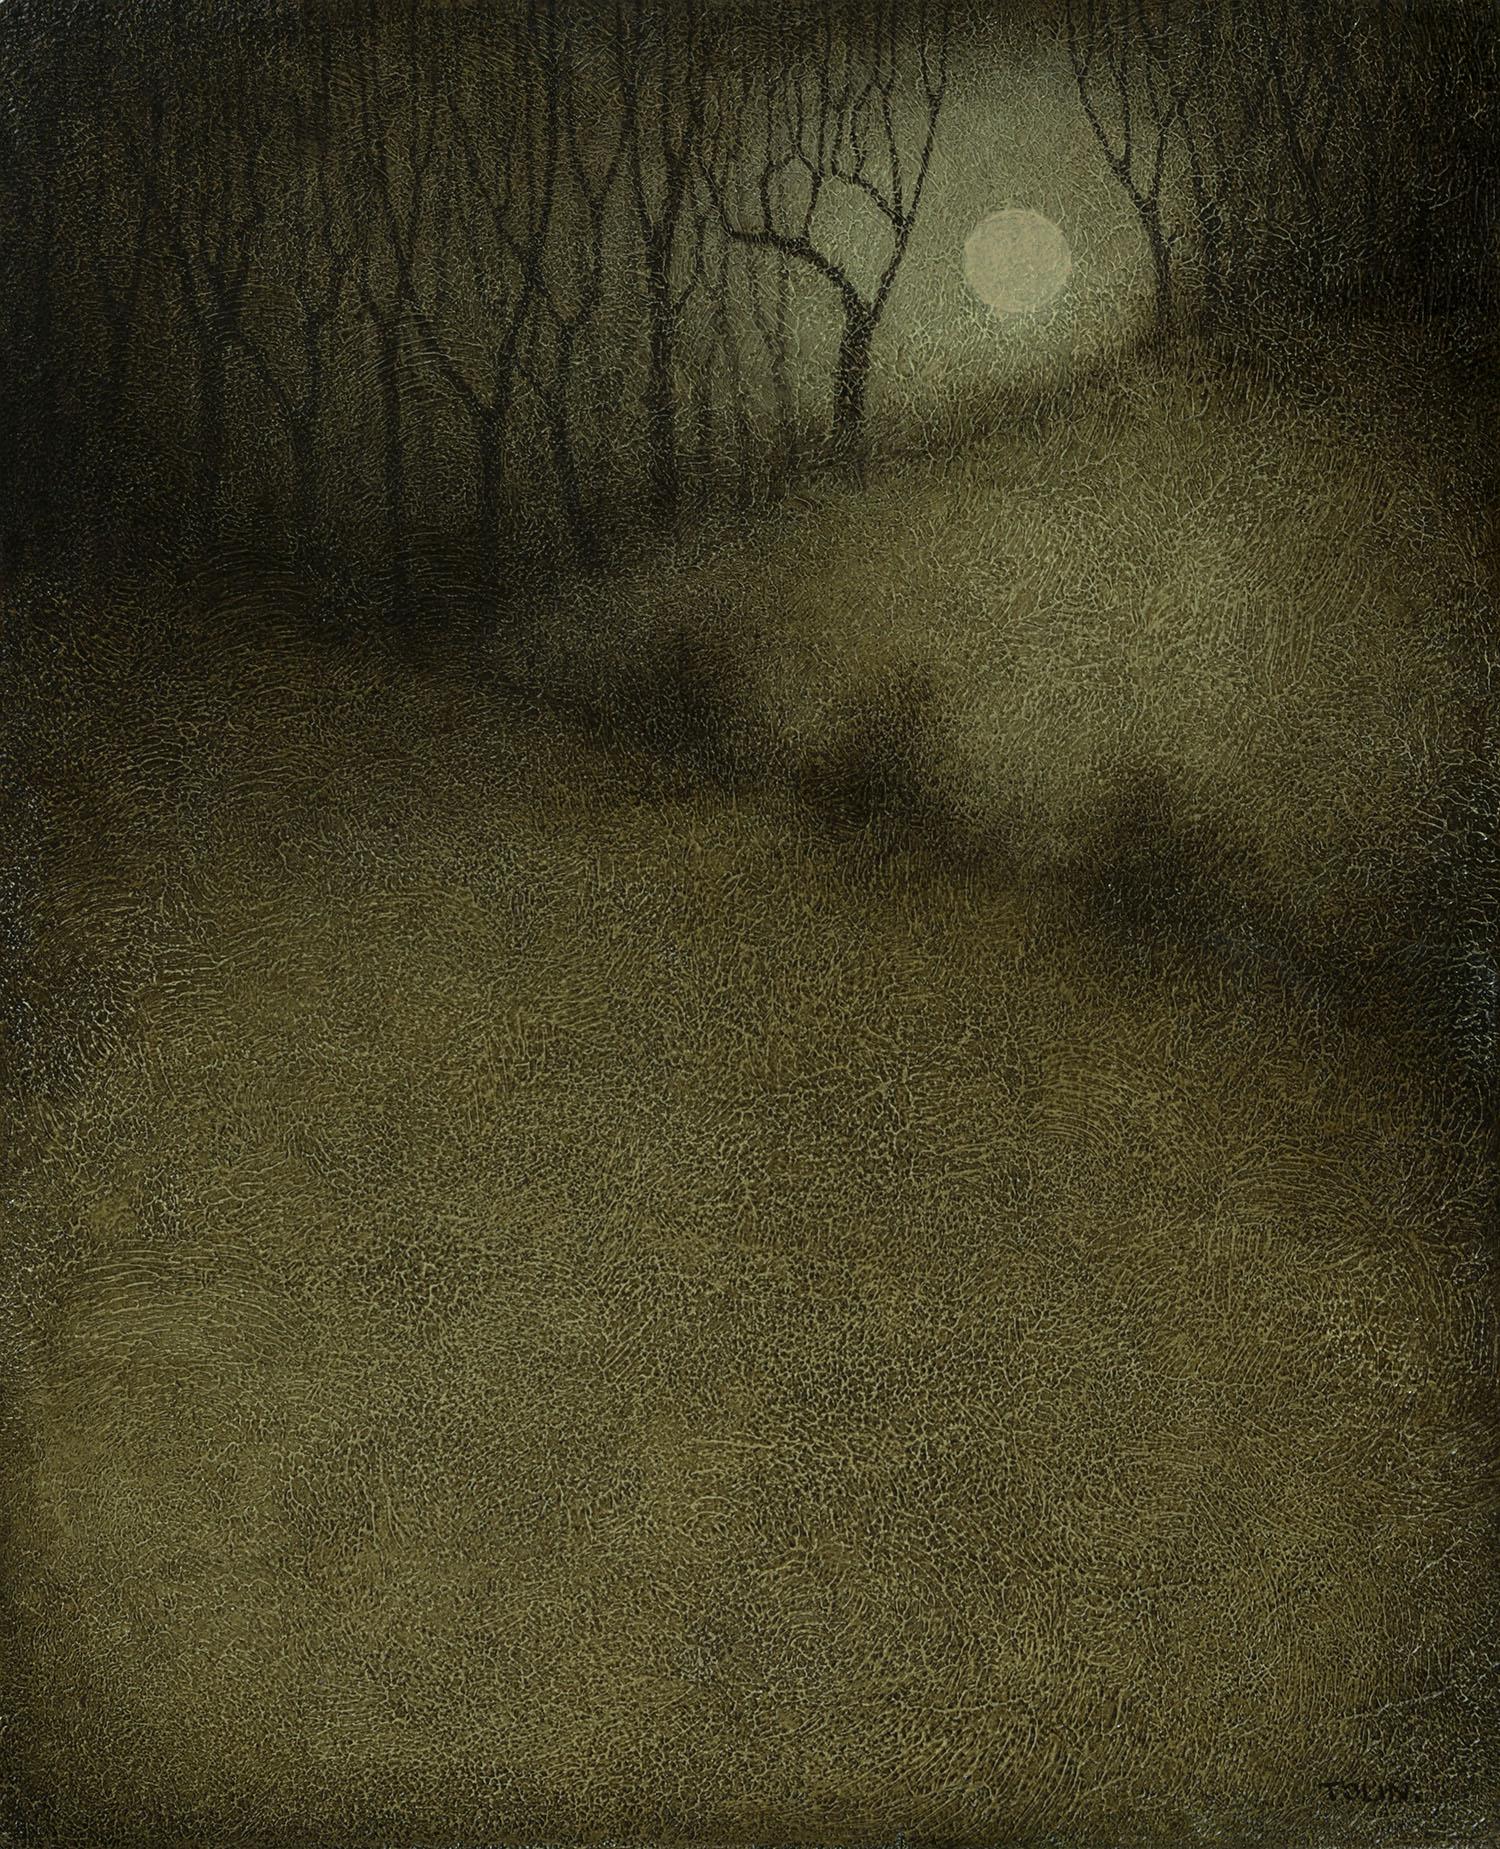 Nocturne OriginalPainting